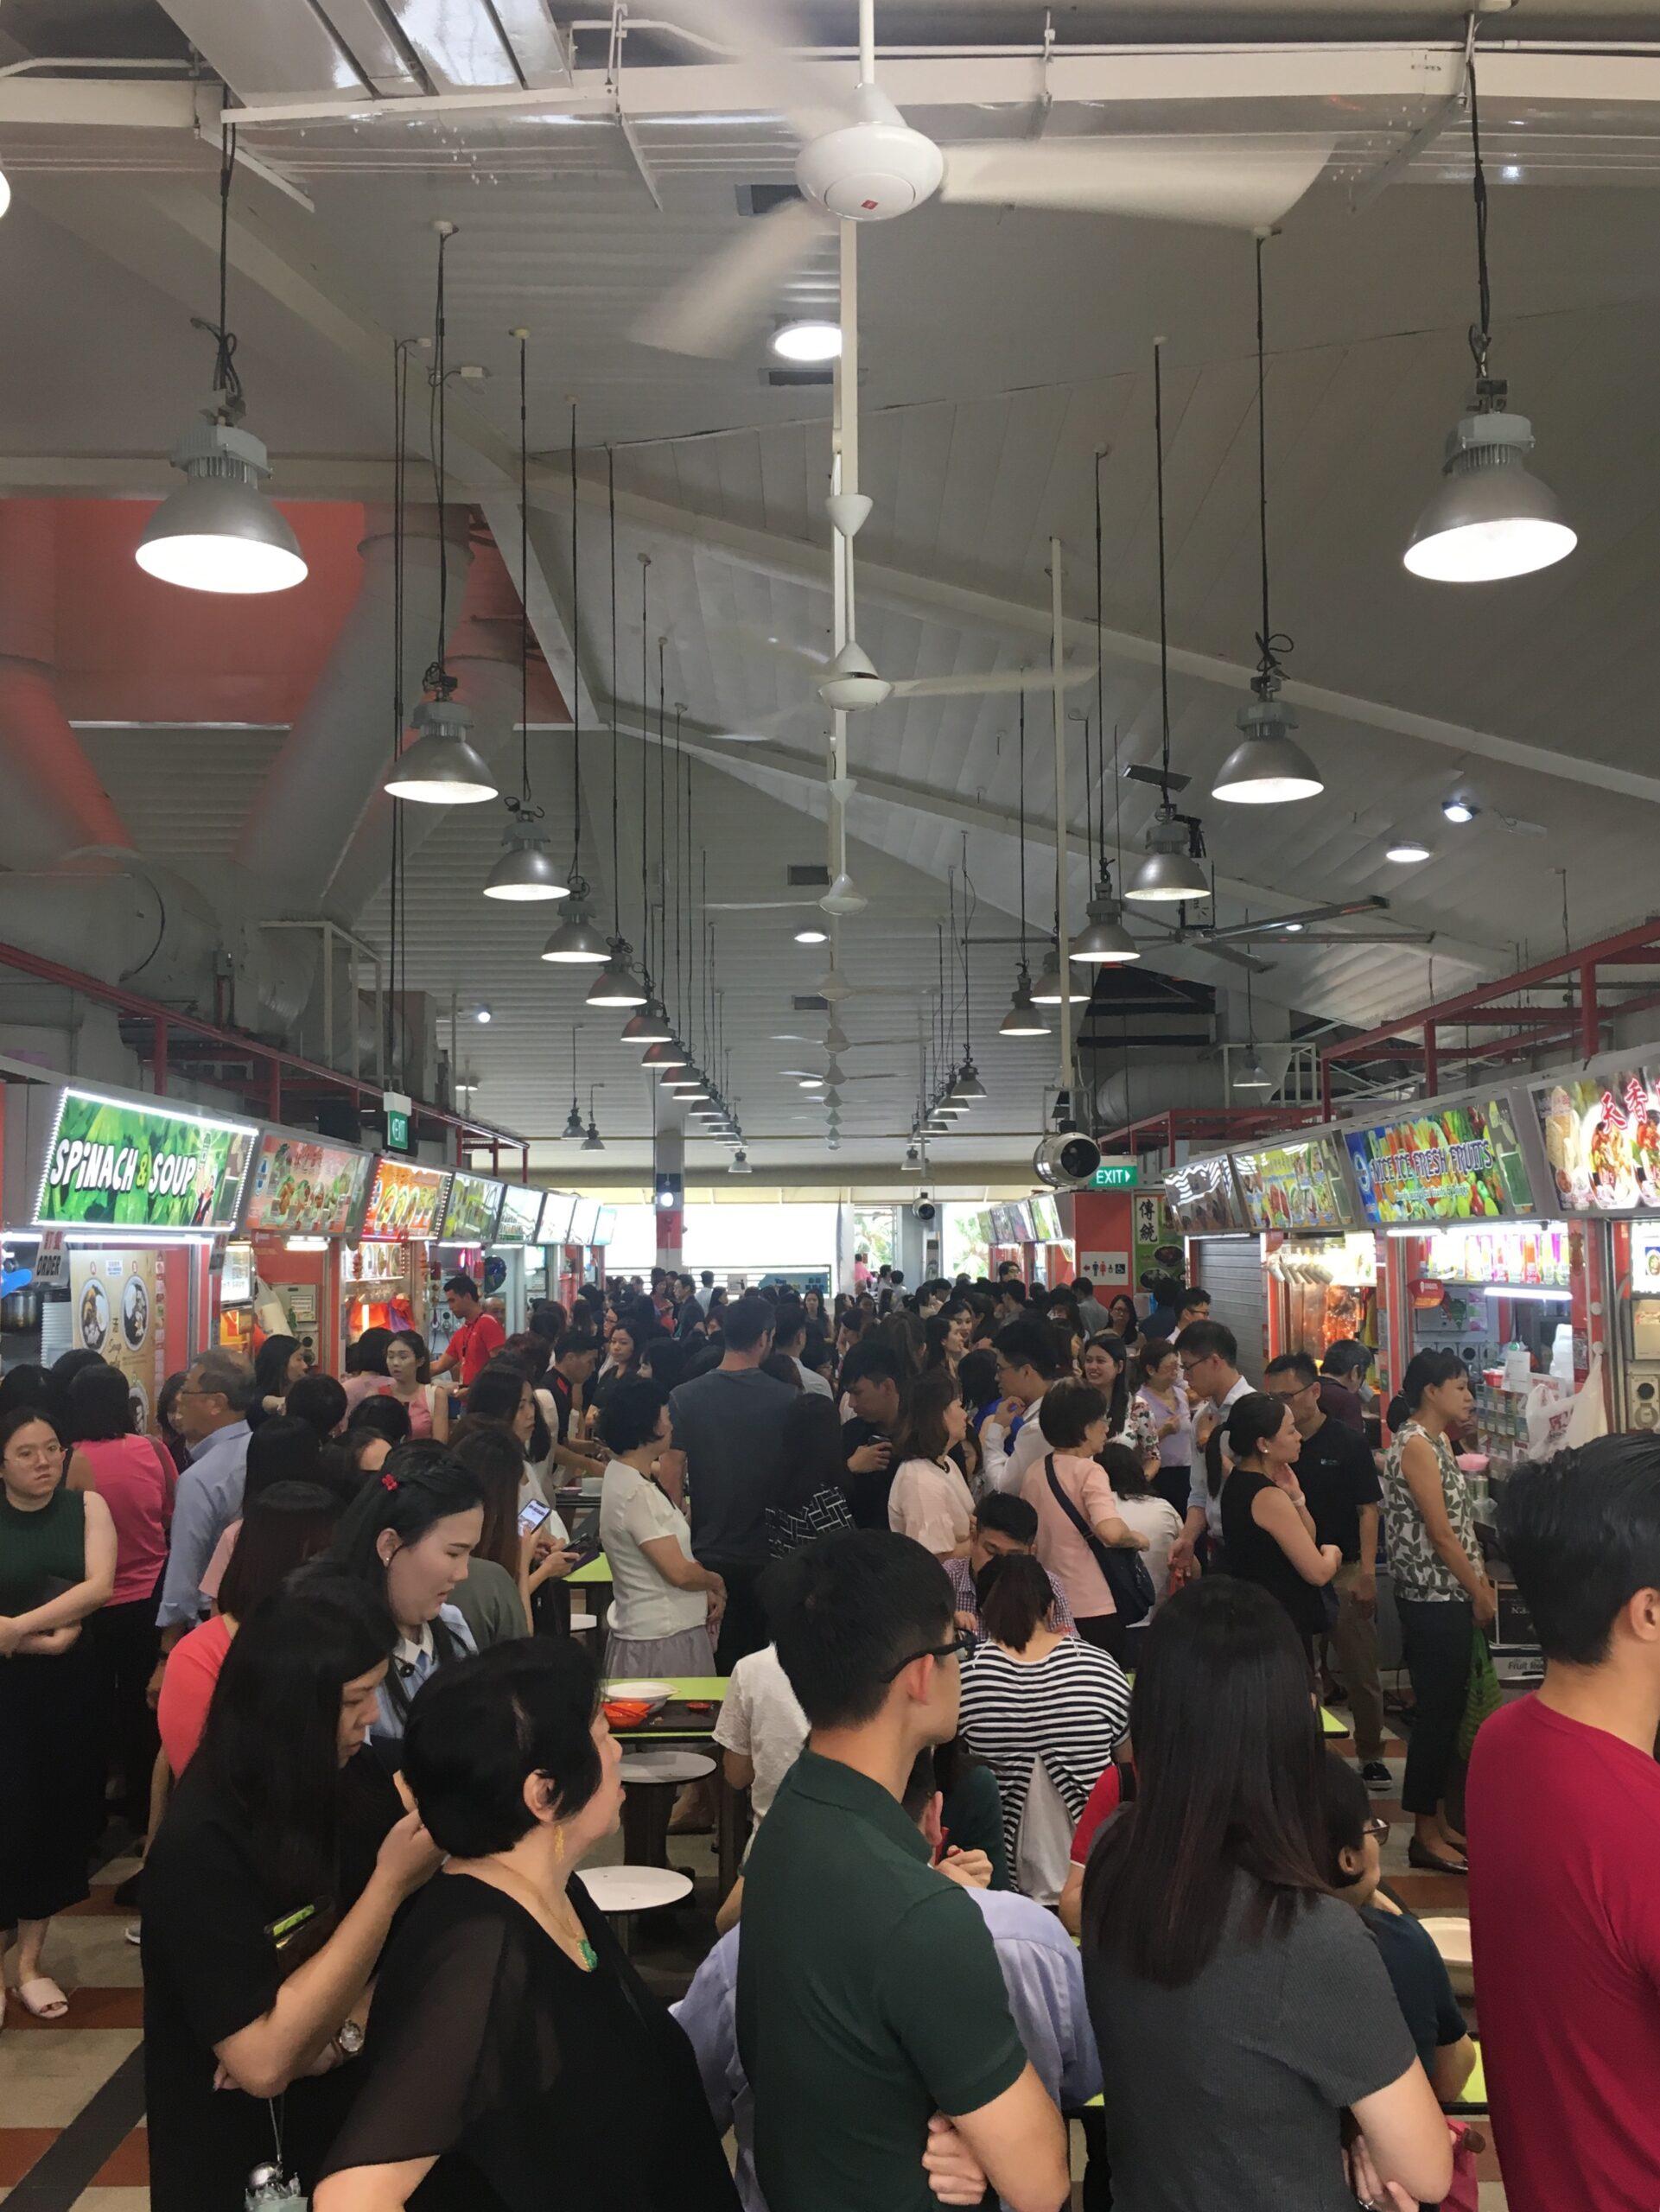 【2020年更新/保存版】シンガポールの庶民食堂「ホーカー」でご飯を食べよう!vol.2